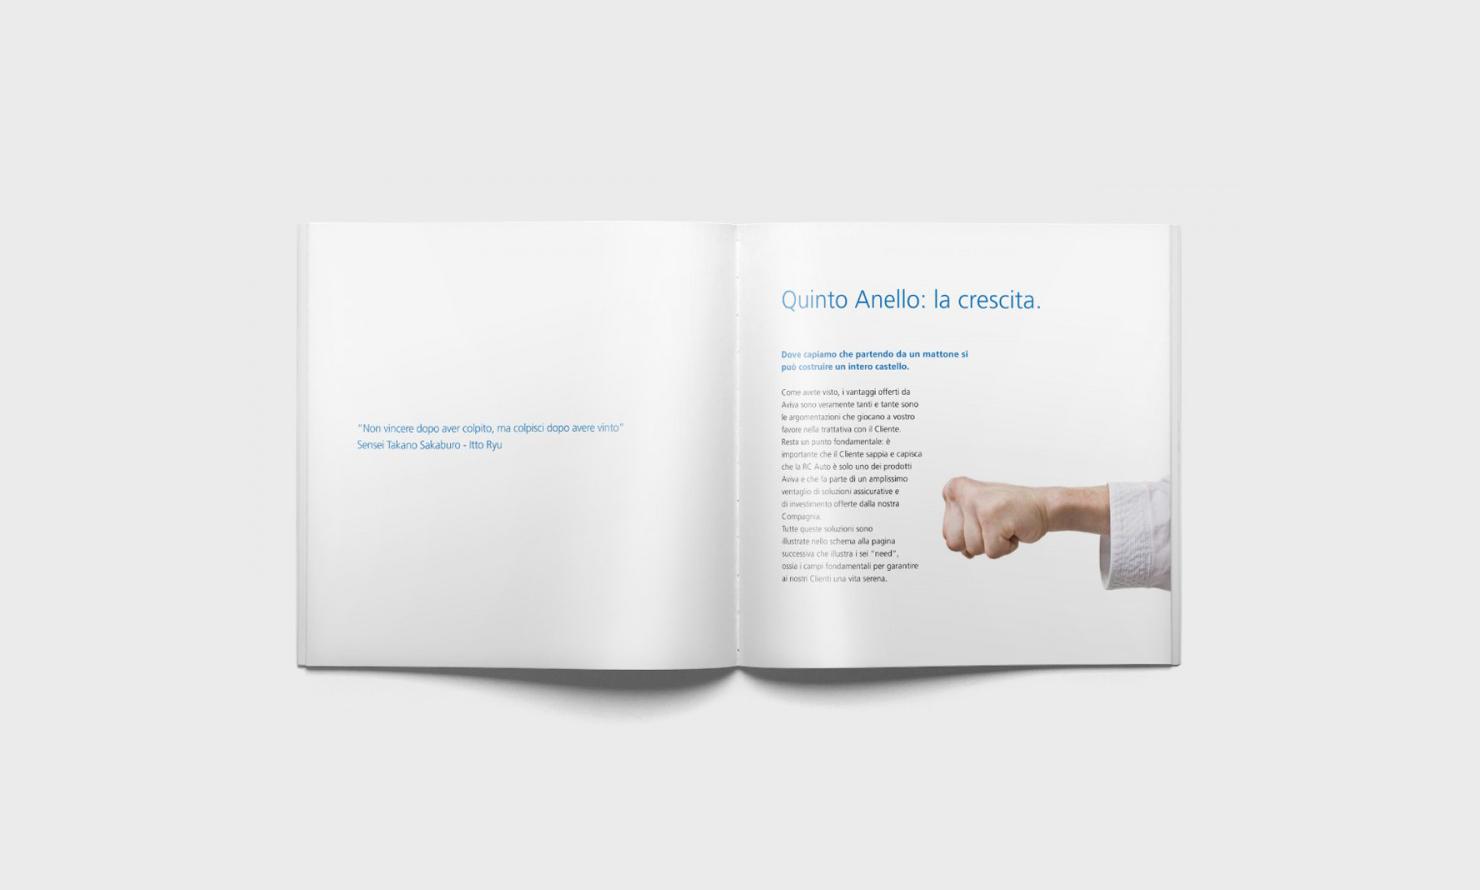 https://www.kubelibre.com/uploads/Slider-work-tutti-clienti/aviva-kit-agenti-il-libro-dei-cinque-anelli-4.jpg